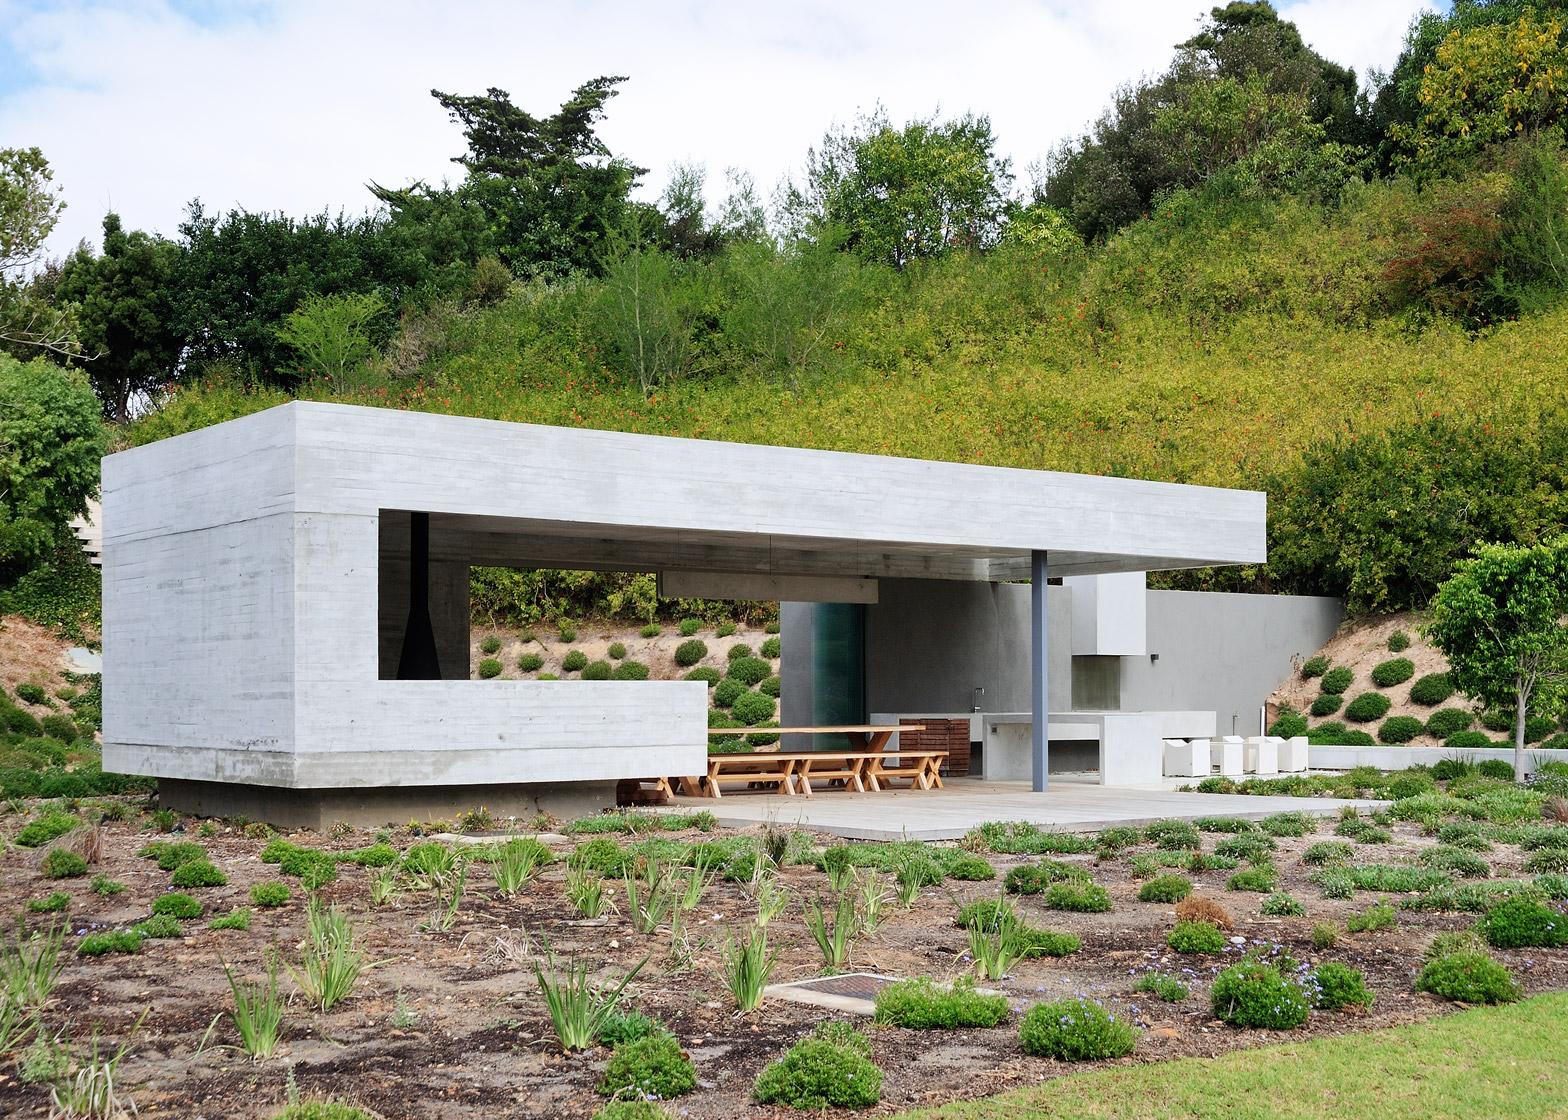 Gartengestaltung Outdoor Küche : Trendige ideen für die outdoor küche im garten trendomat